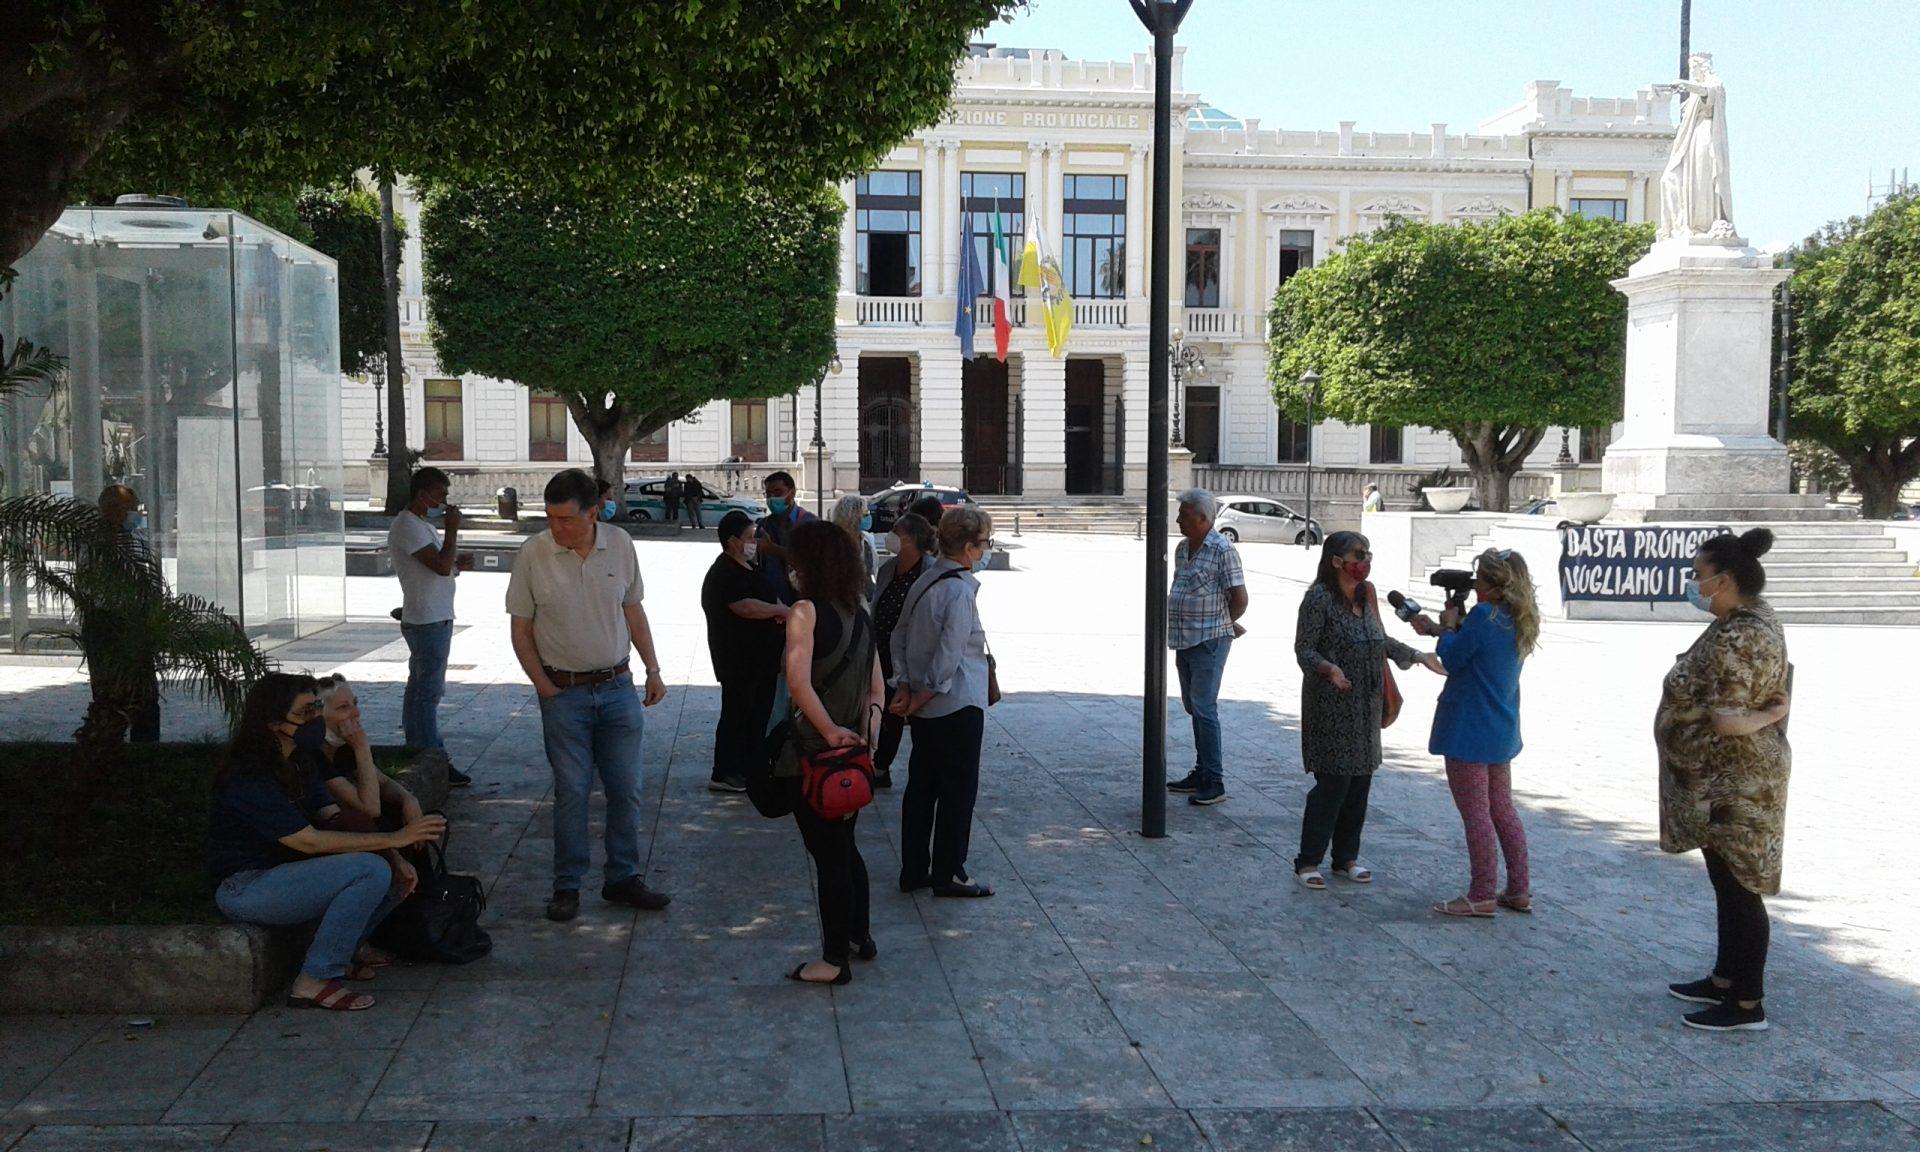 Emergenza abitativa, l'osservatorio: «Nessun segnale concreto a garanzia del diritto all'abitare»